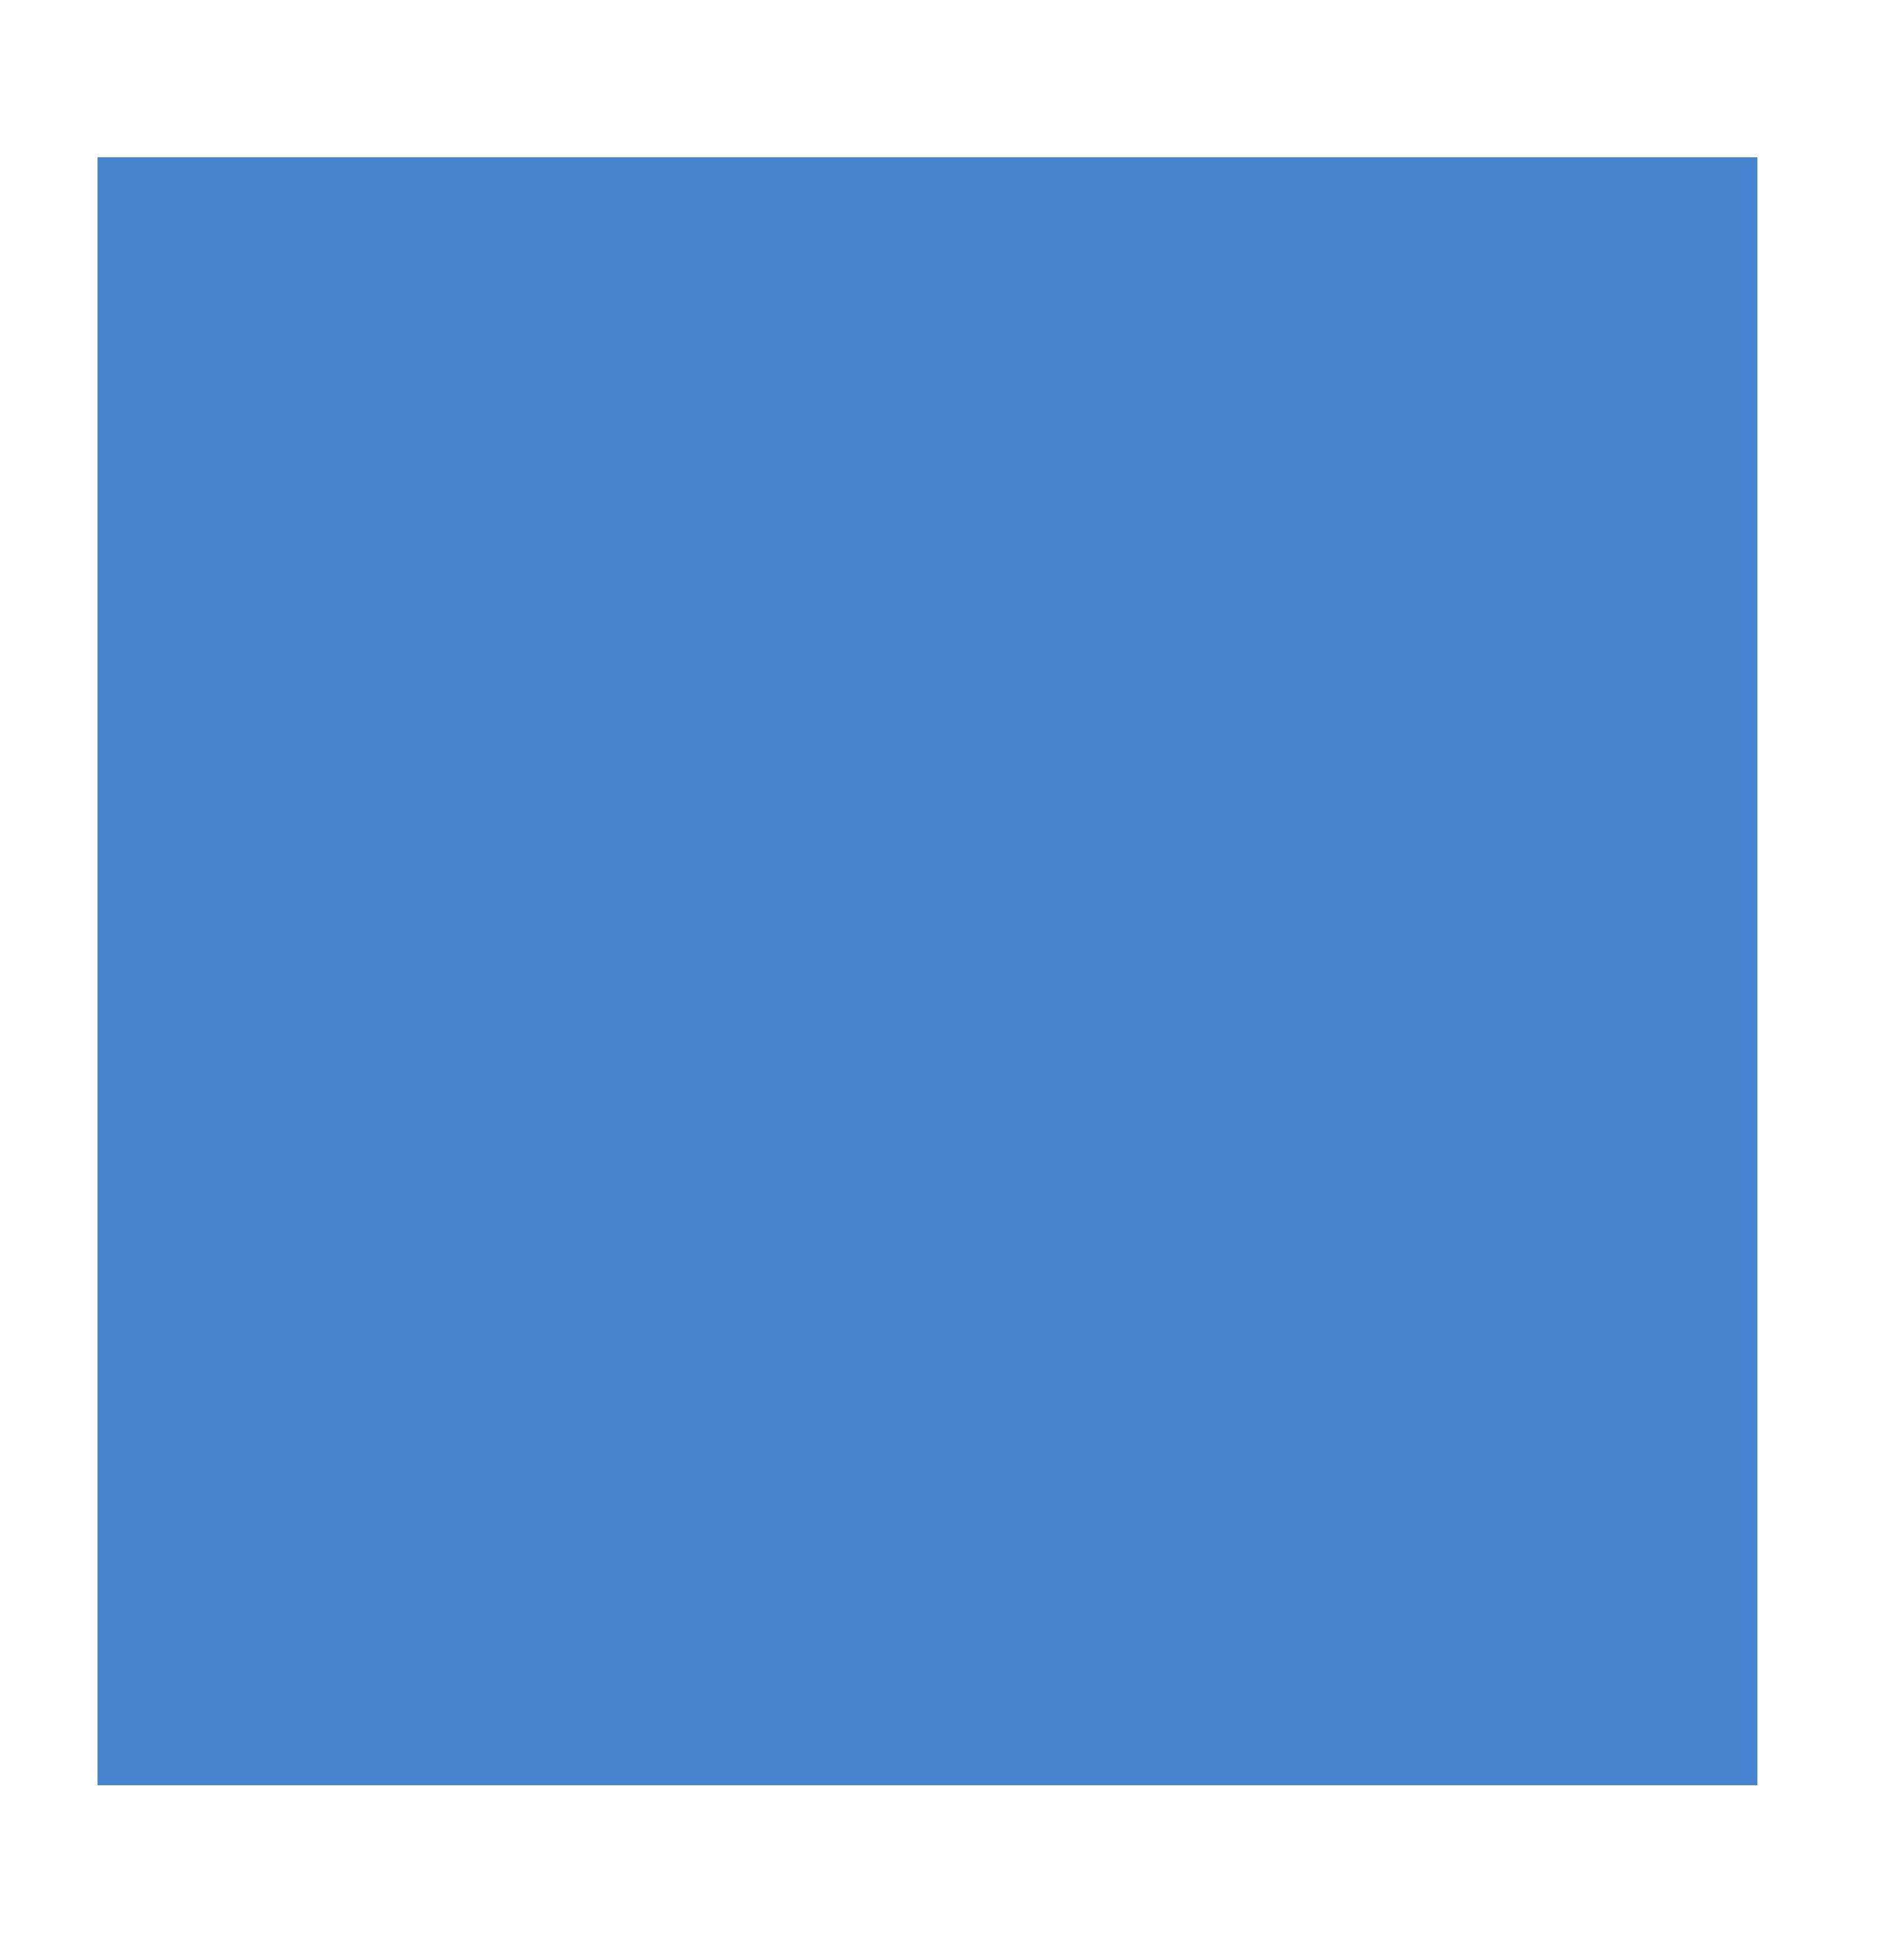 4h per day